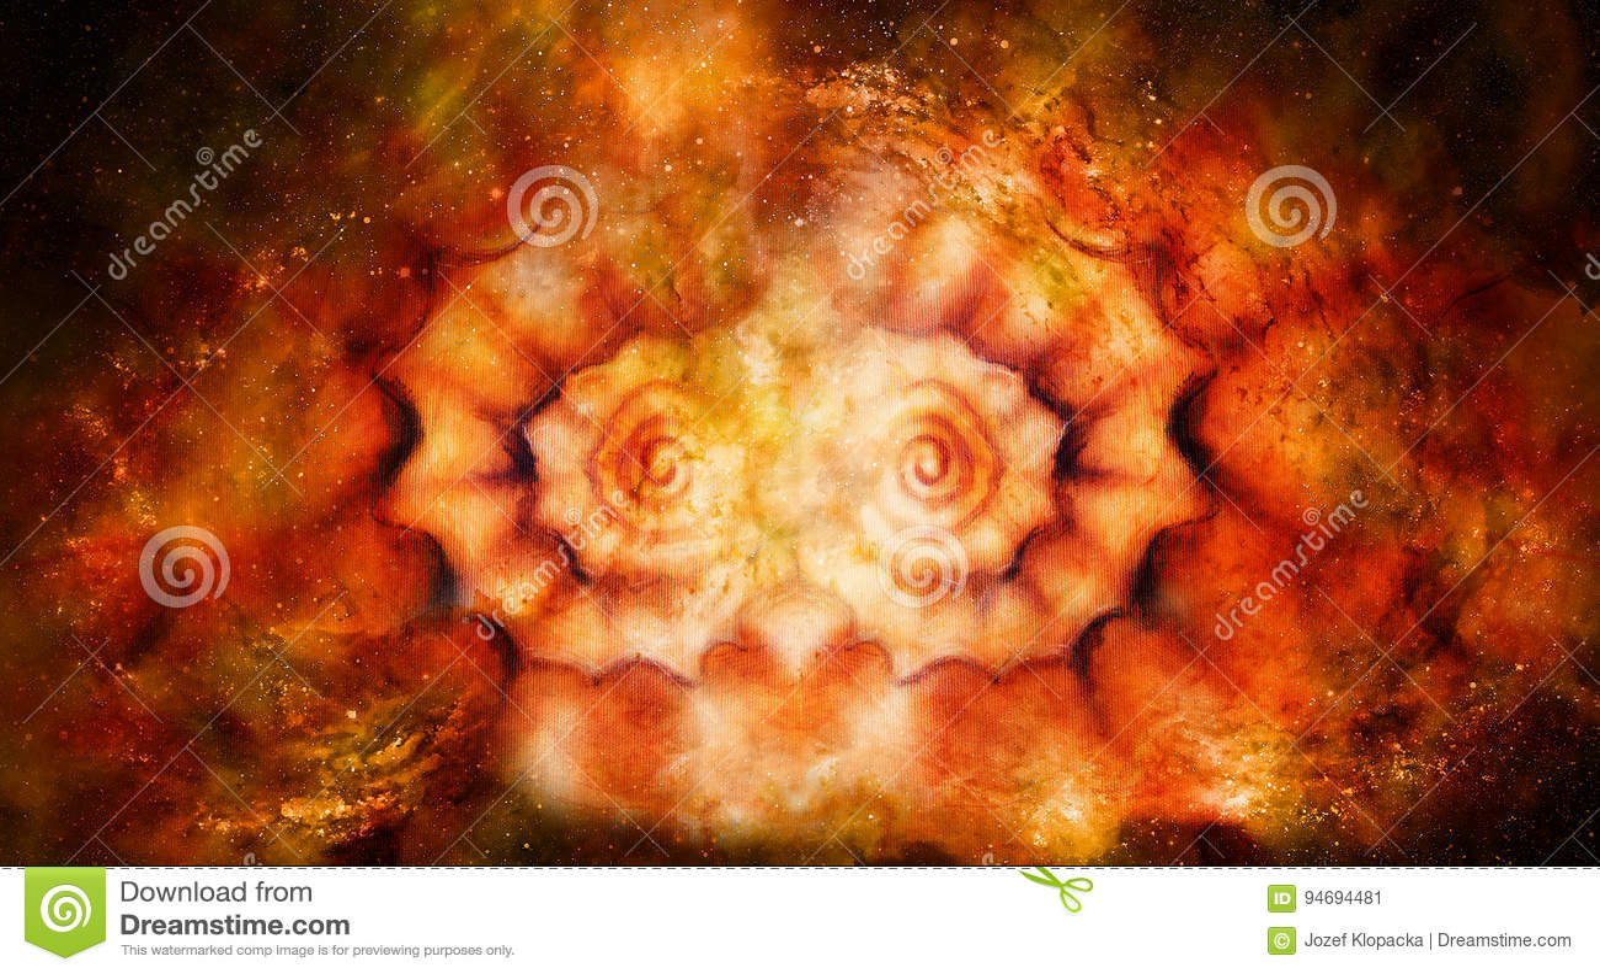 Conchiglia astratta della pittura su tela nel fondo cosmico